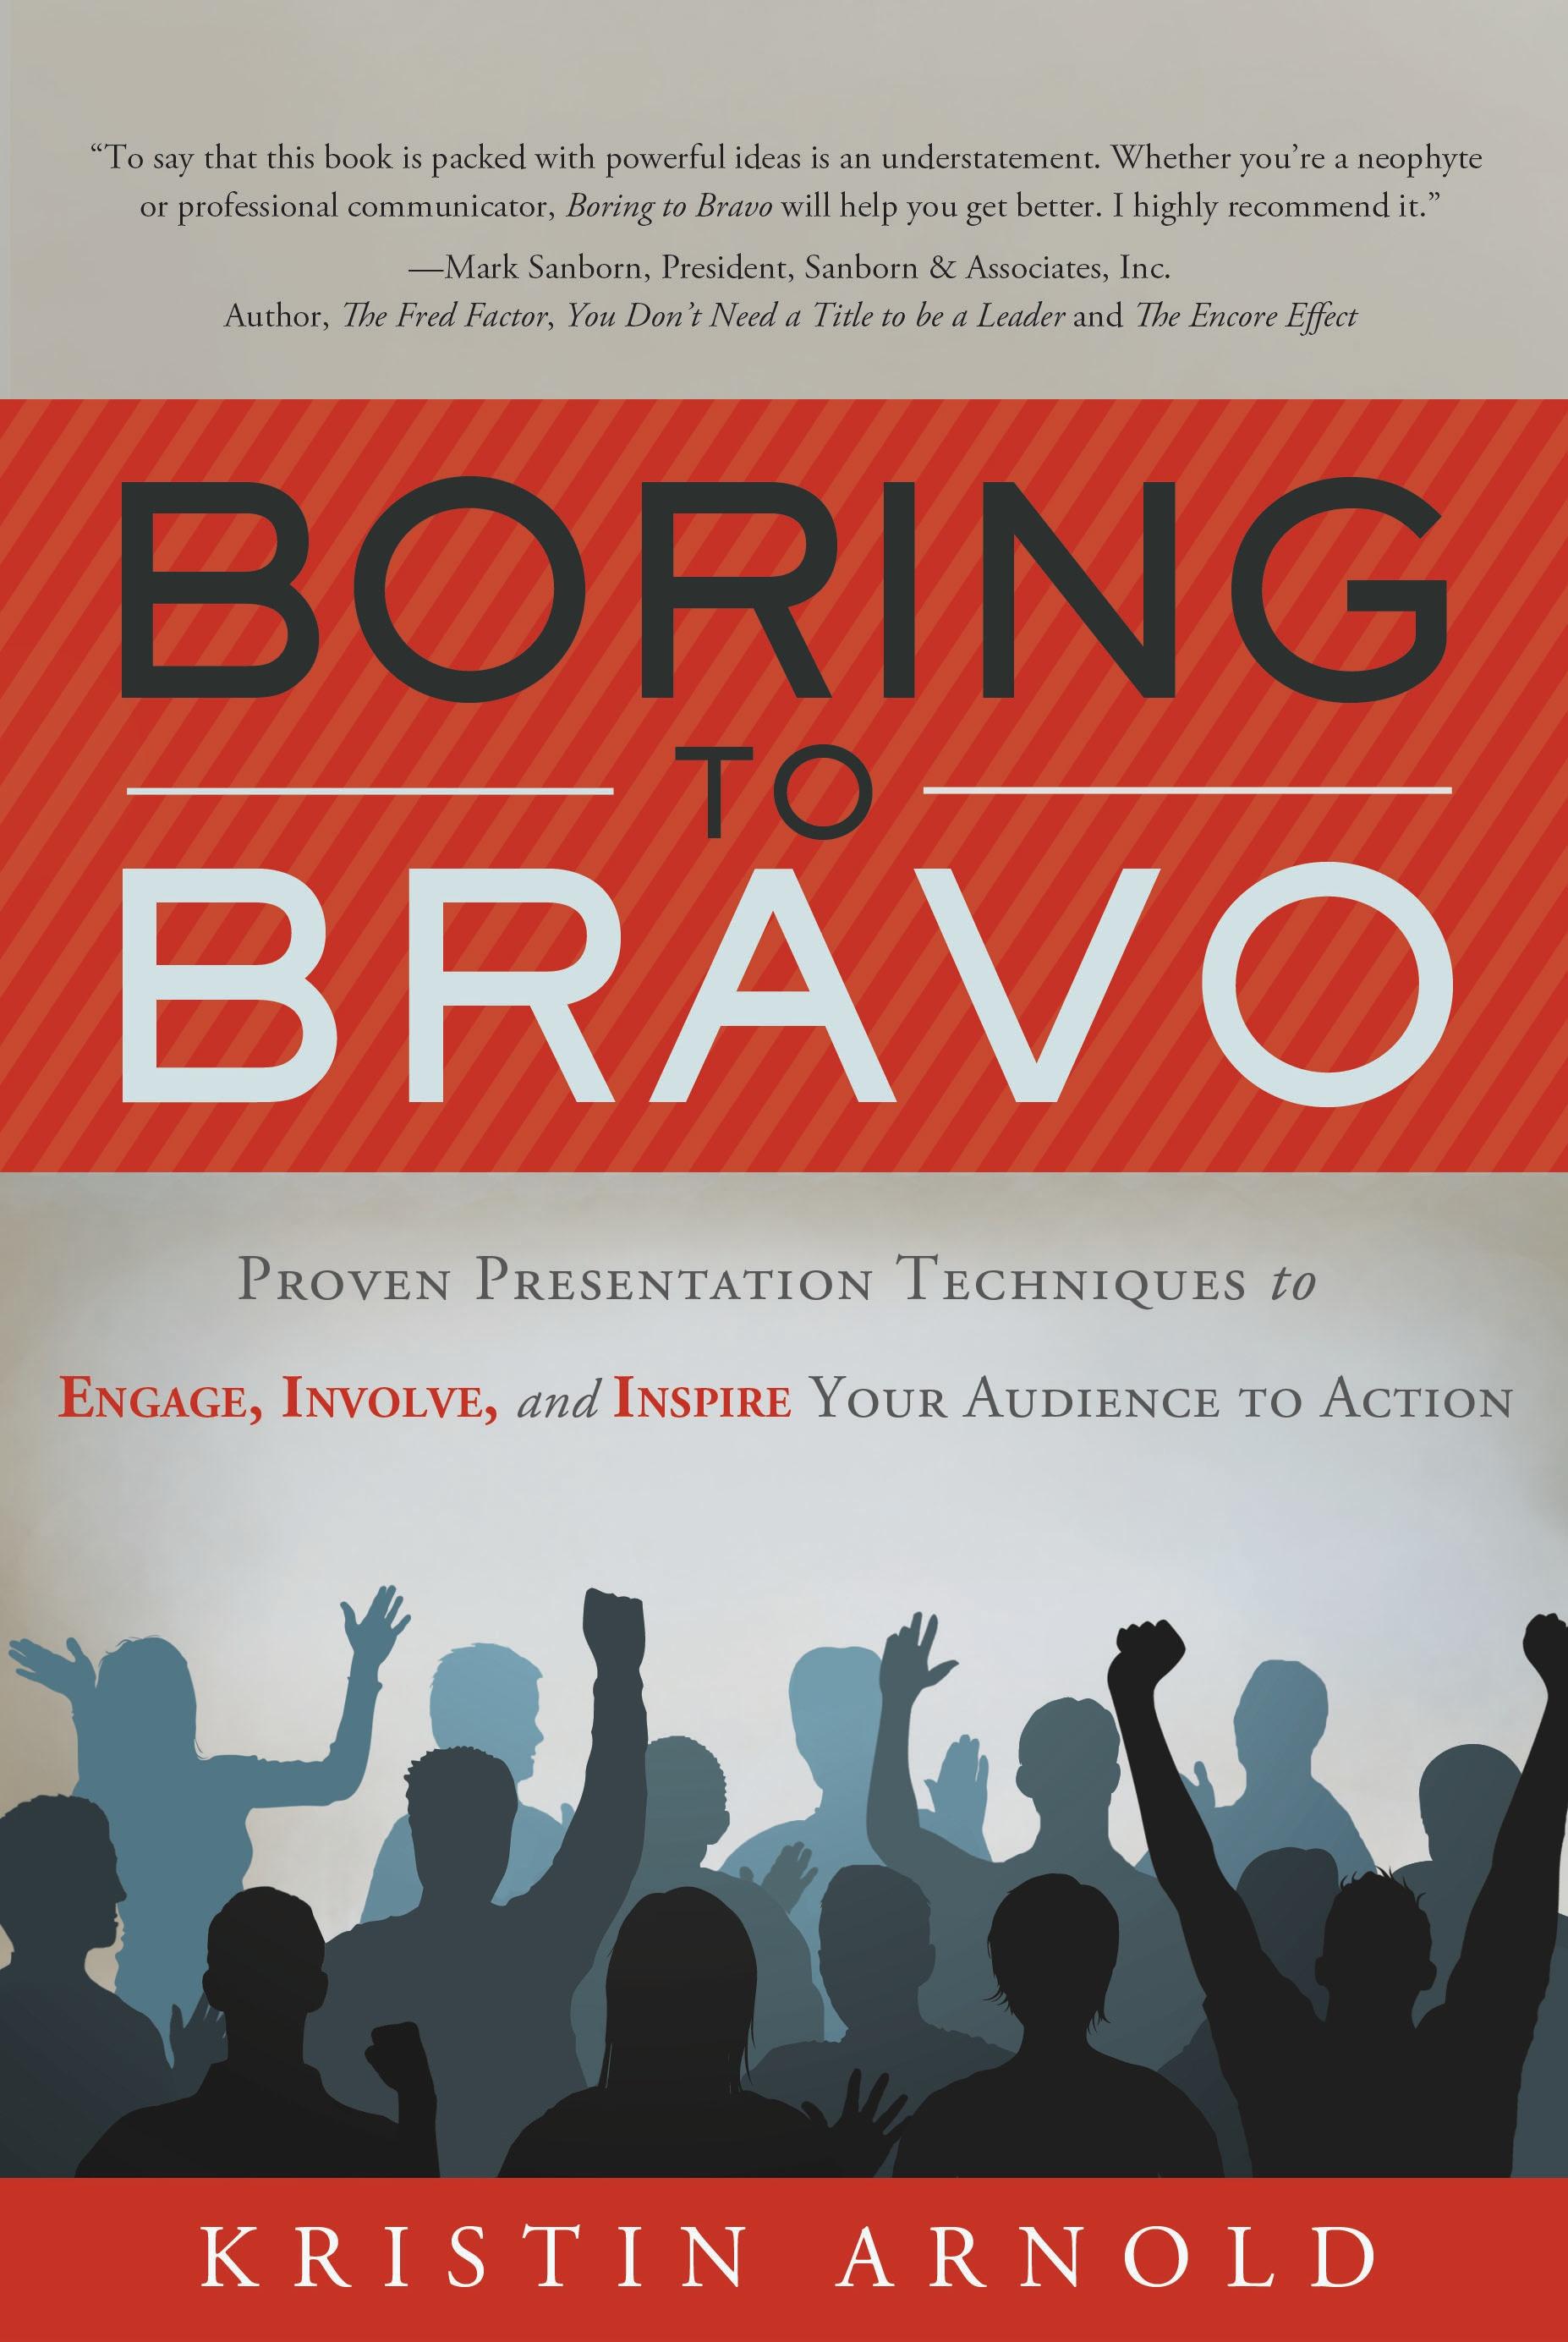 Boring to Bravo: Audio